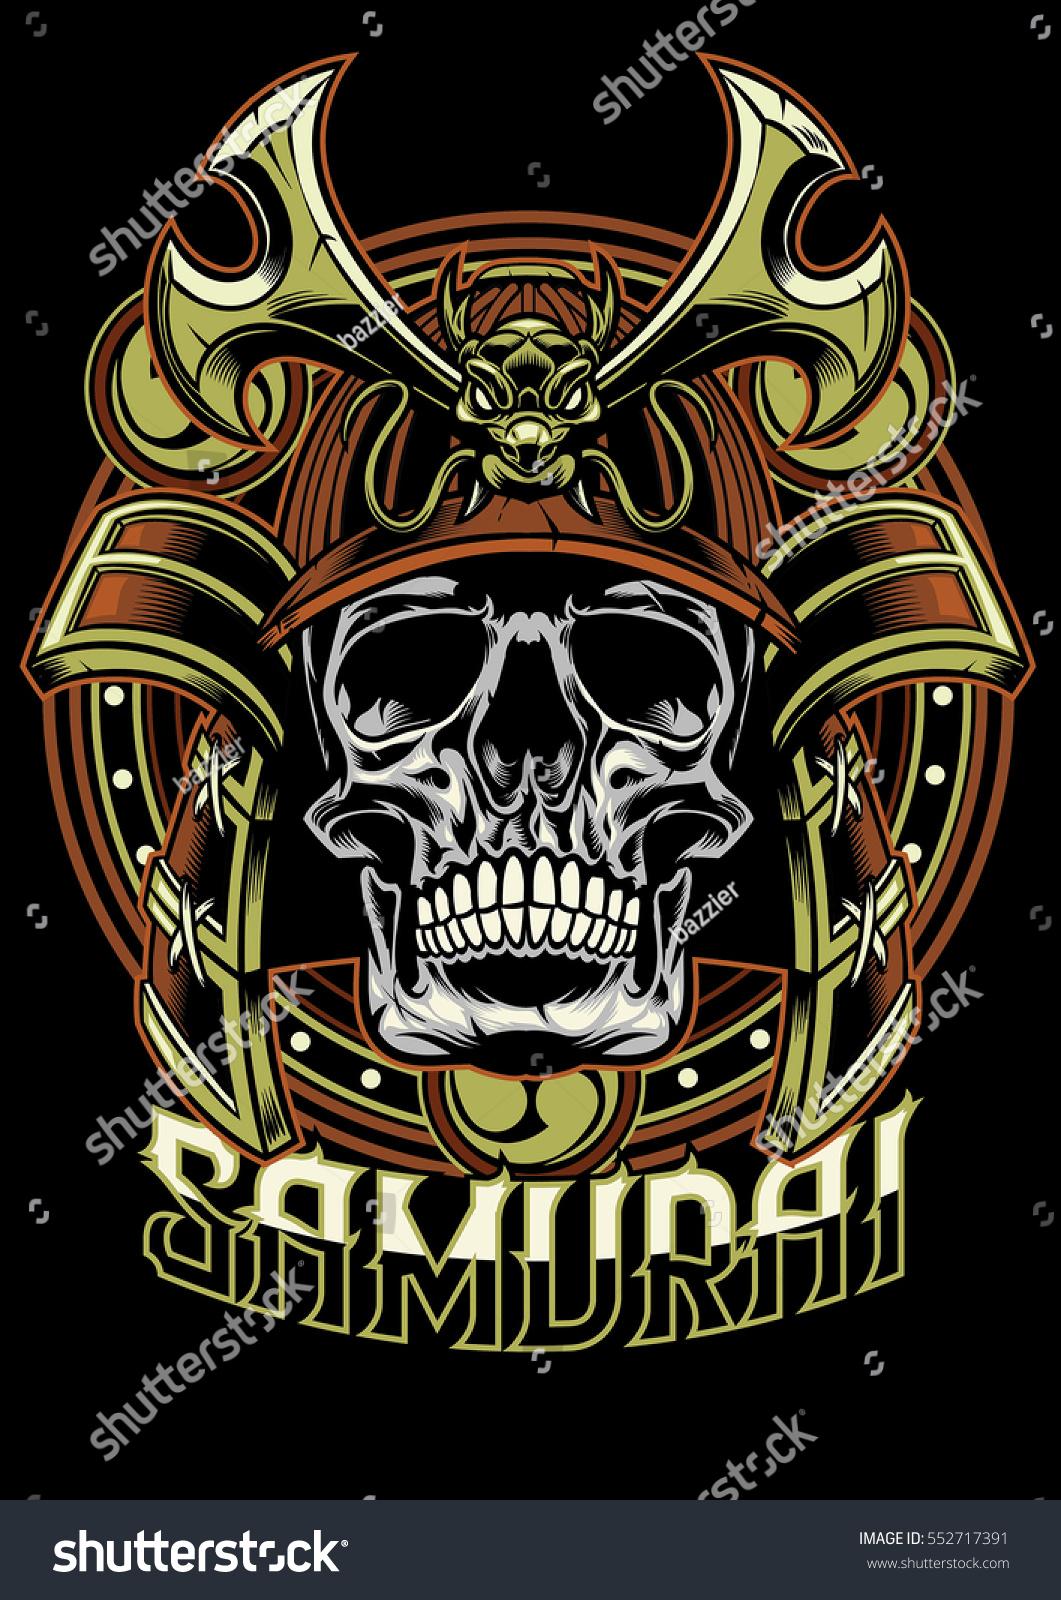 Skull of samurai warrior